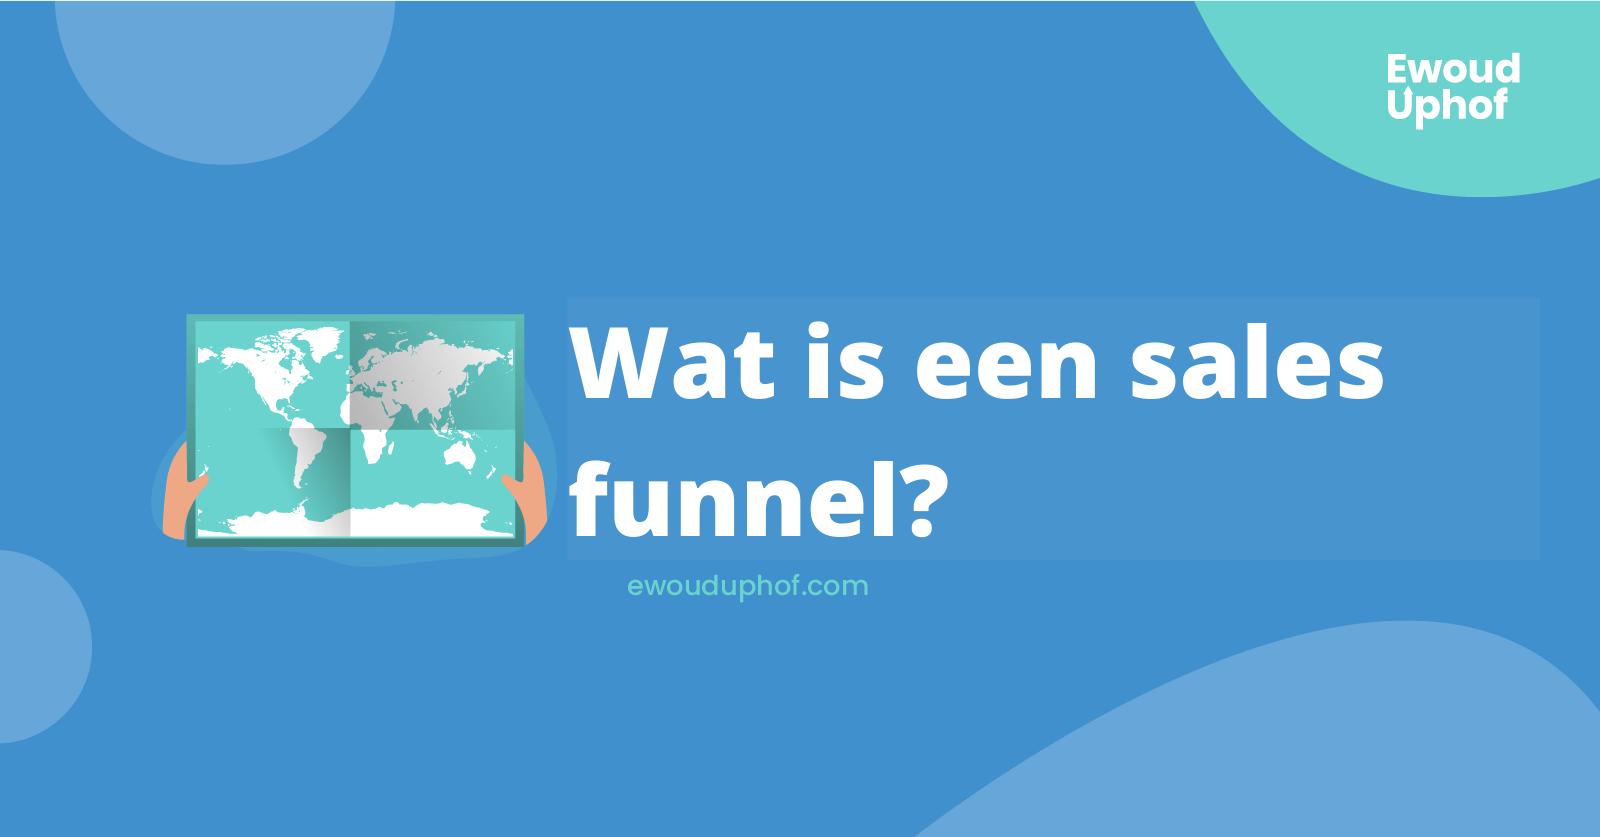 Wat is een sales funnel?